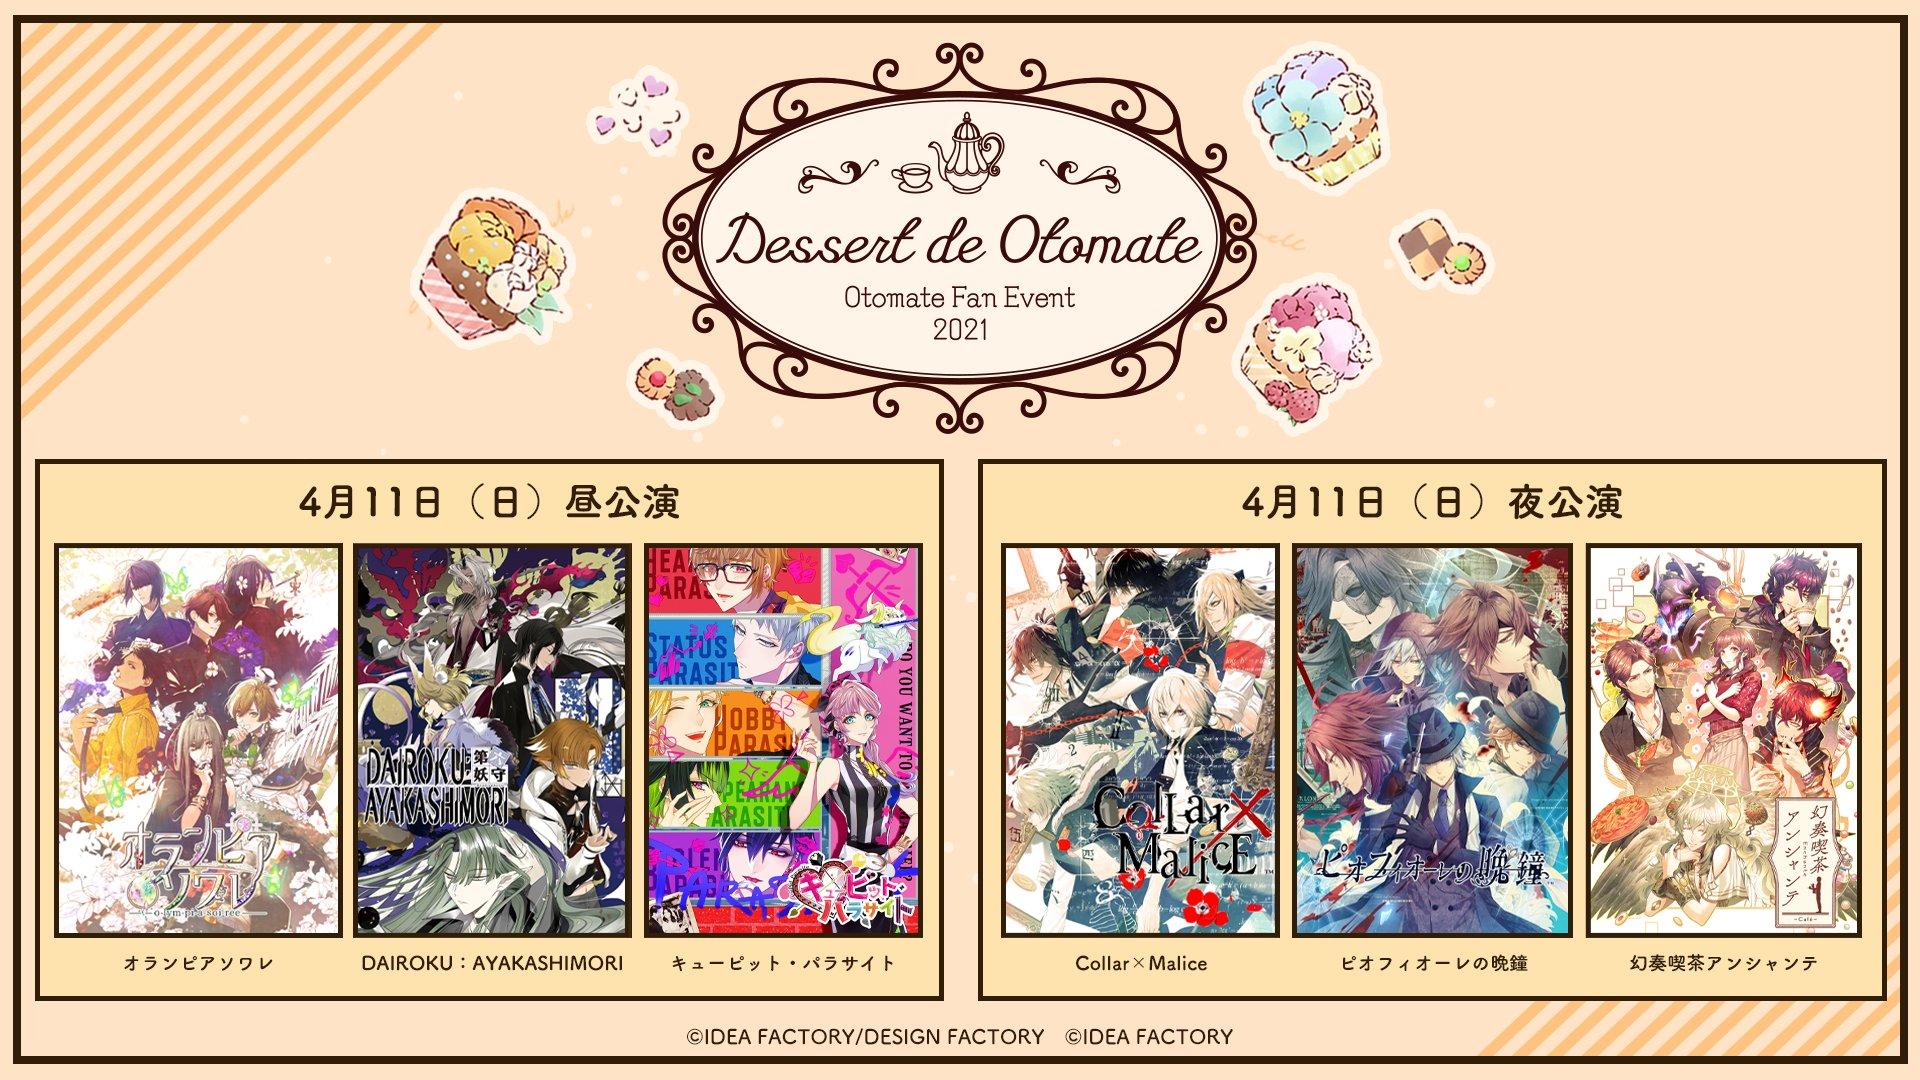 オトメイトのファンイベント「Dessert de Otomate」ファン参加型企画が決定!夢のシチュエーションを自らの手で掴み取ろう!